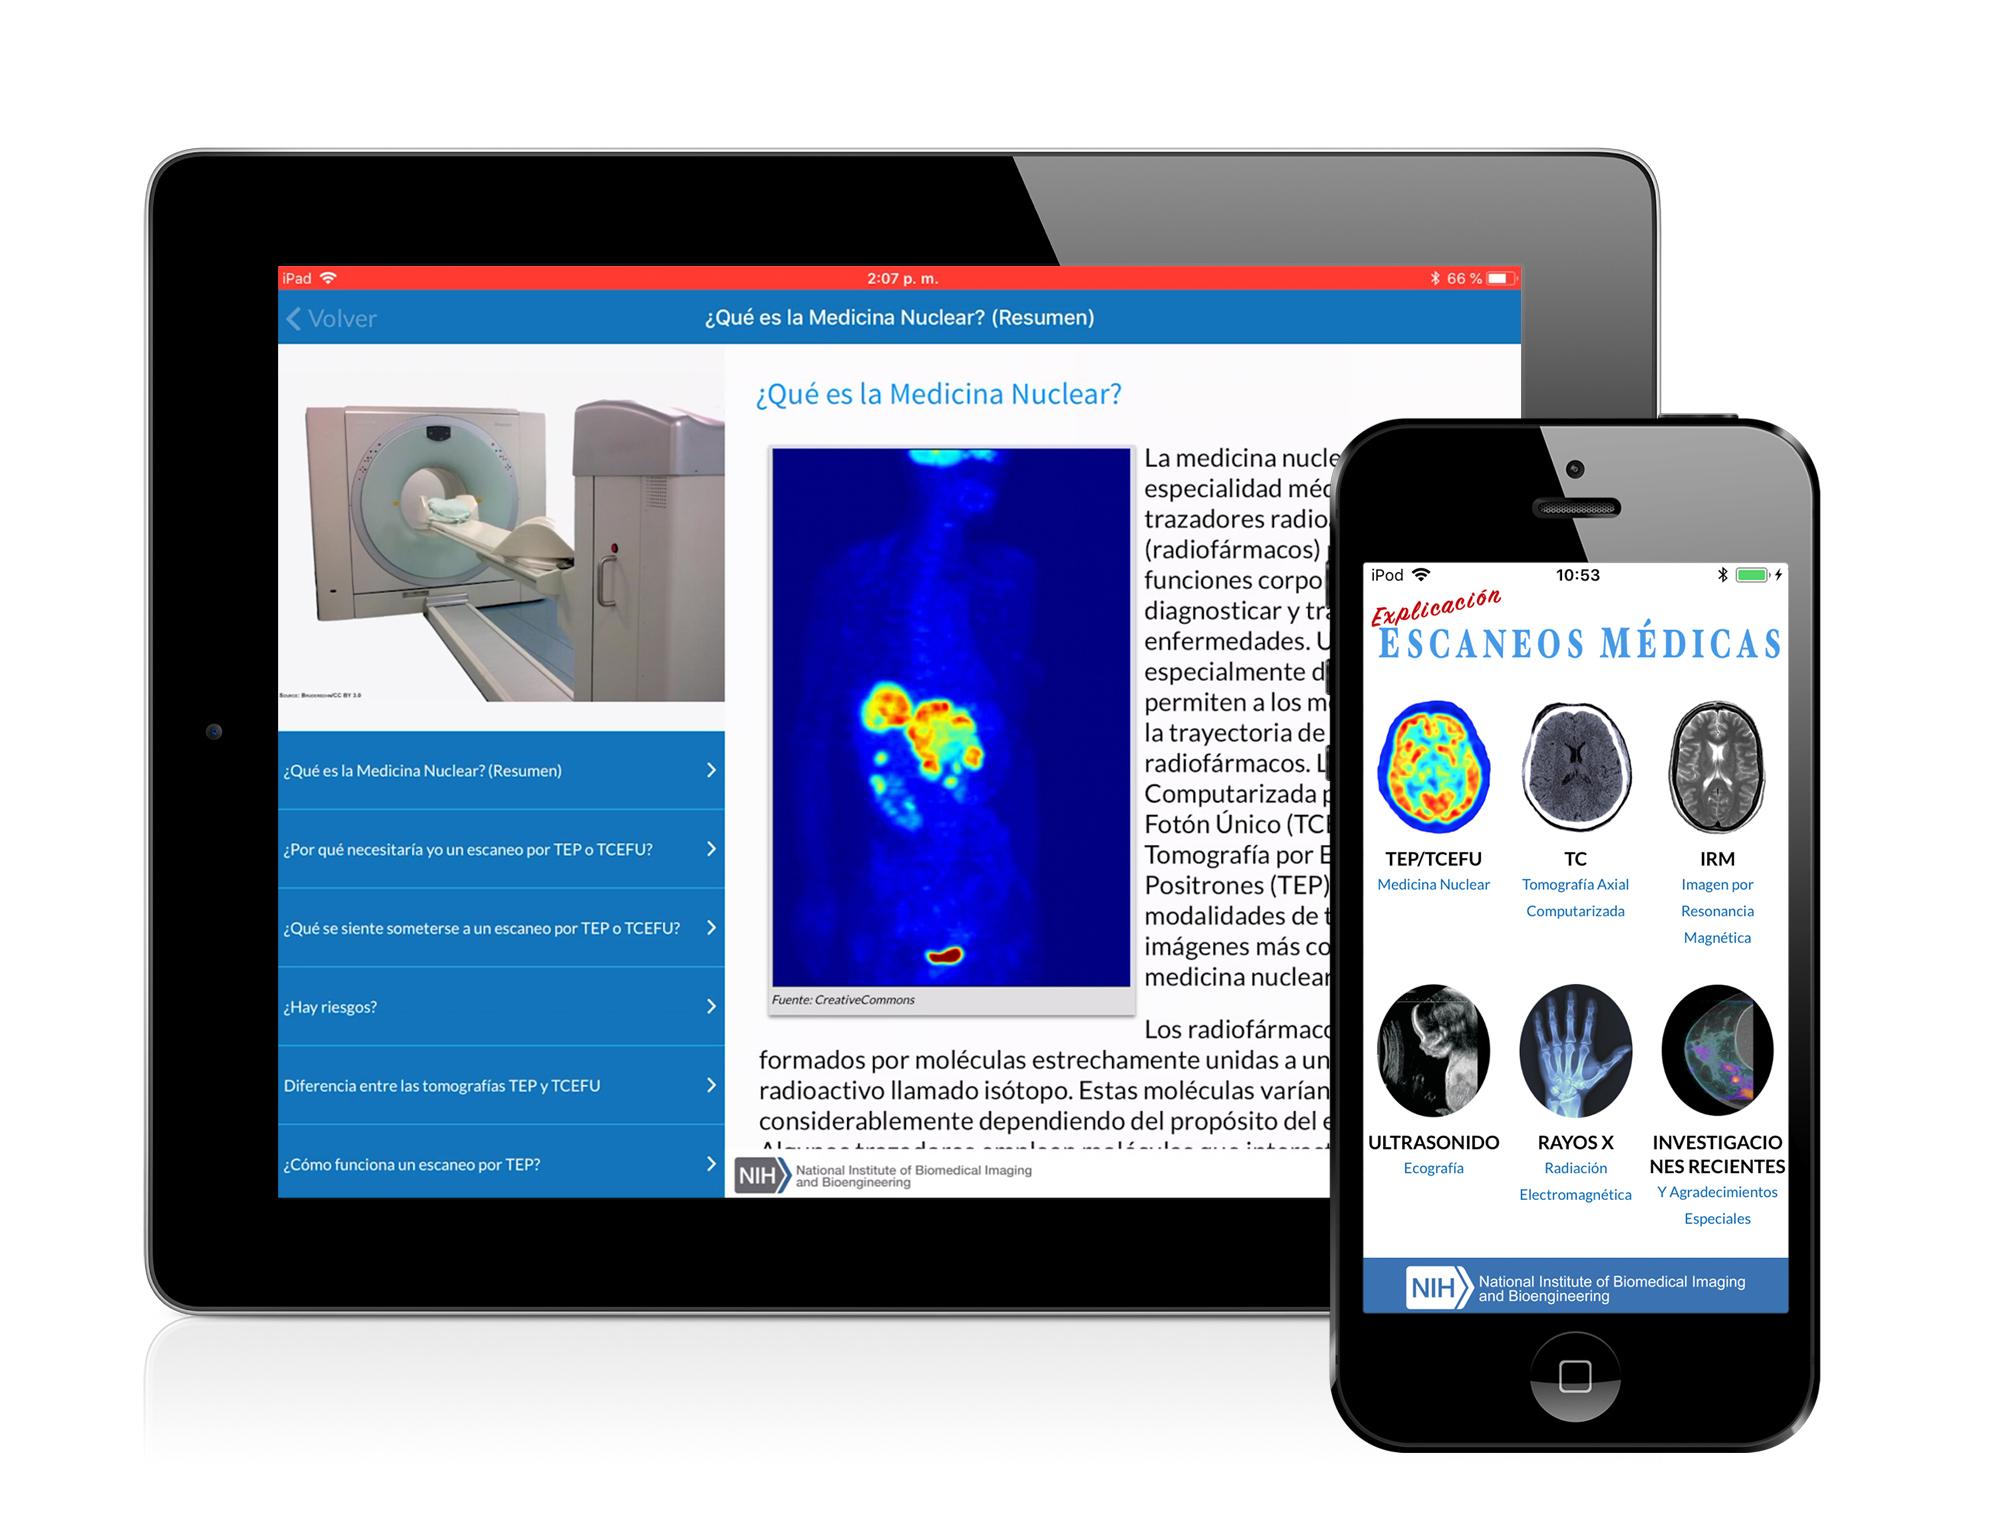 App de Imágenes Médicas mostrado en iPhone y iPad